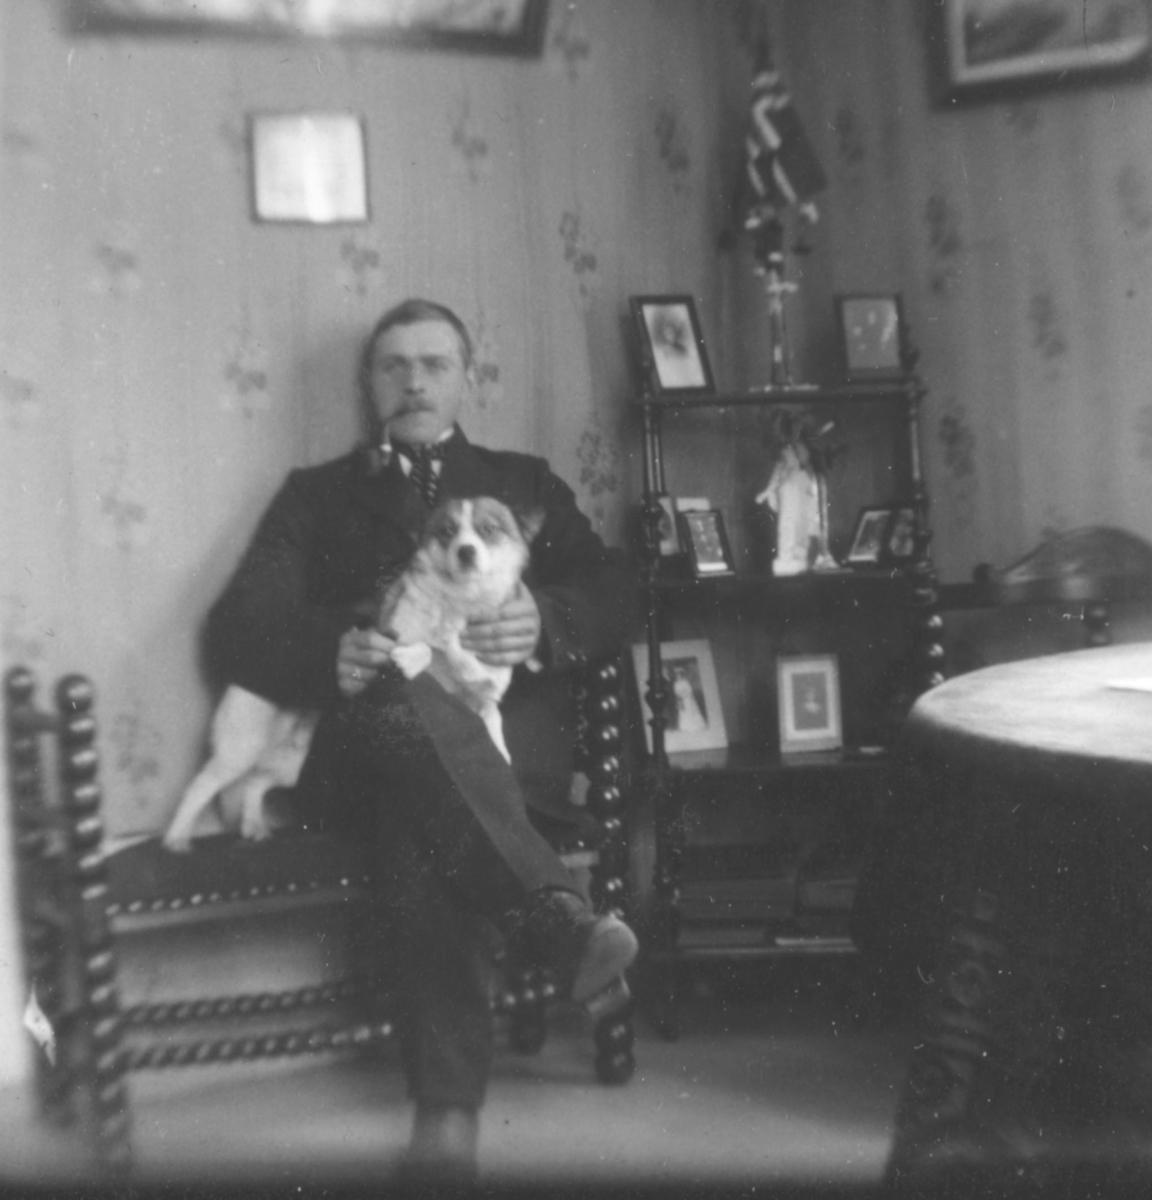 Reidar Håheim poserer for et bilde med hund i fanget. Reidar er kledd i dress og slips og har en pipe i munnen. Bak han kan man se en hylle med fotografier og et norskeflagg.